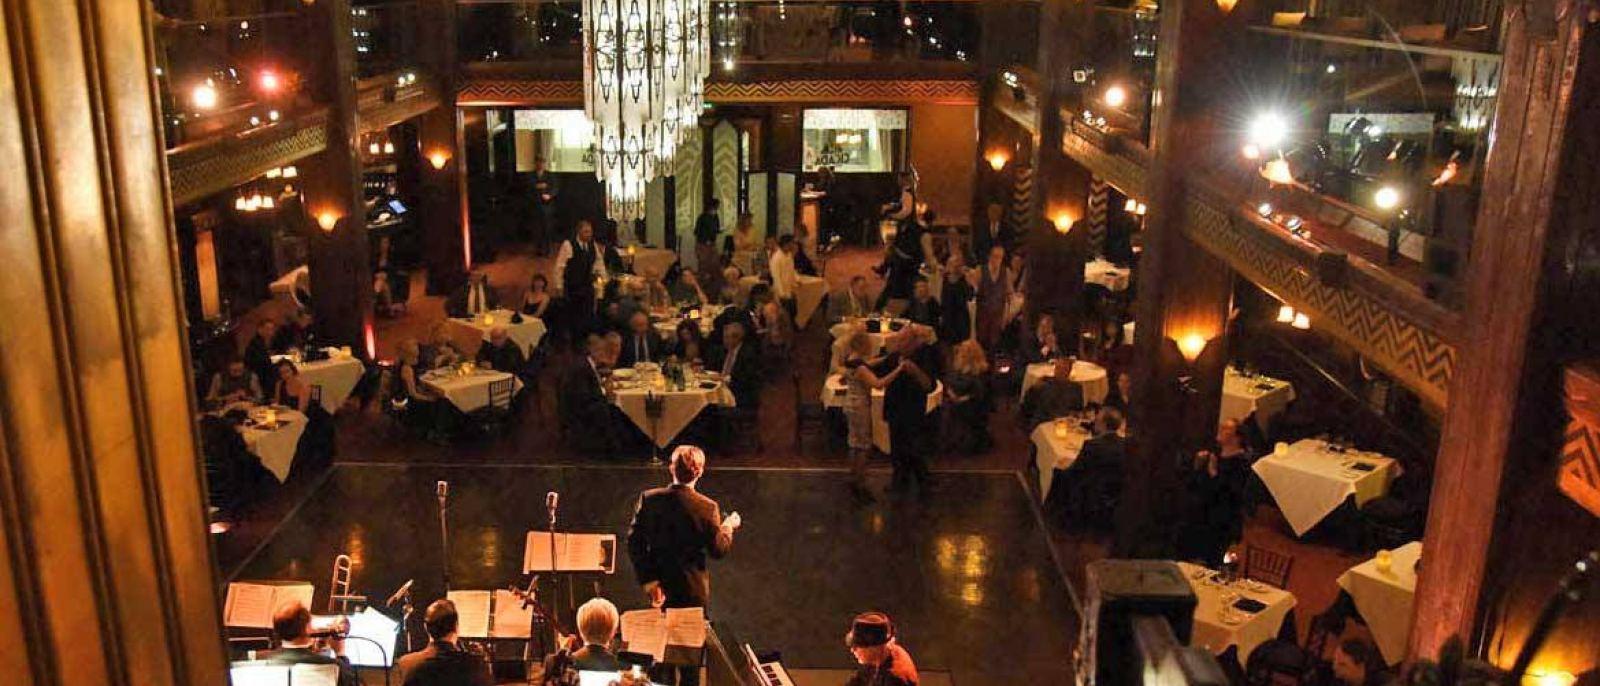 A couple dances at Cicada Restaurant | Photo: Cicada, Facebook